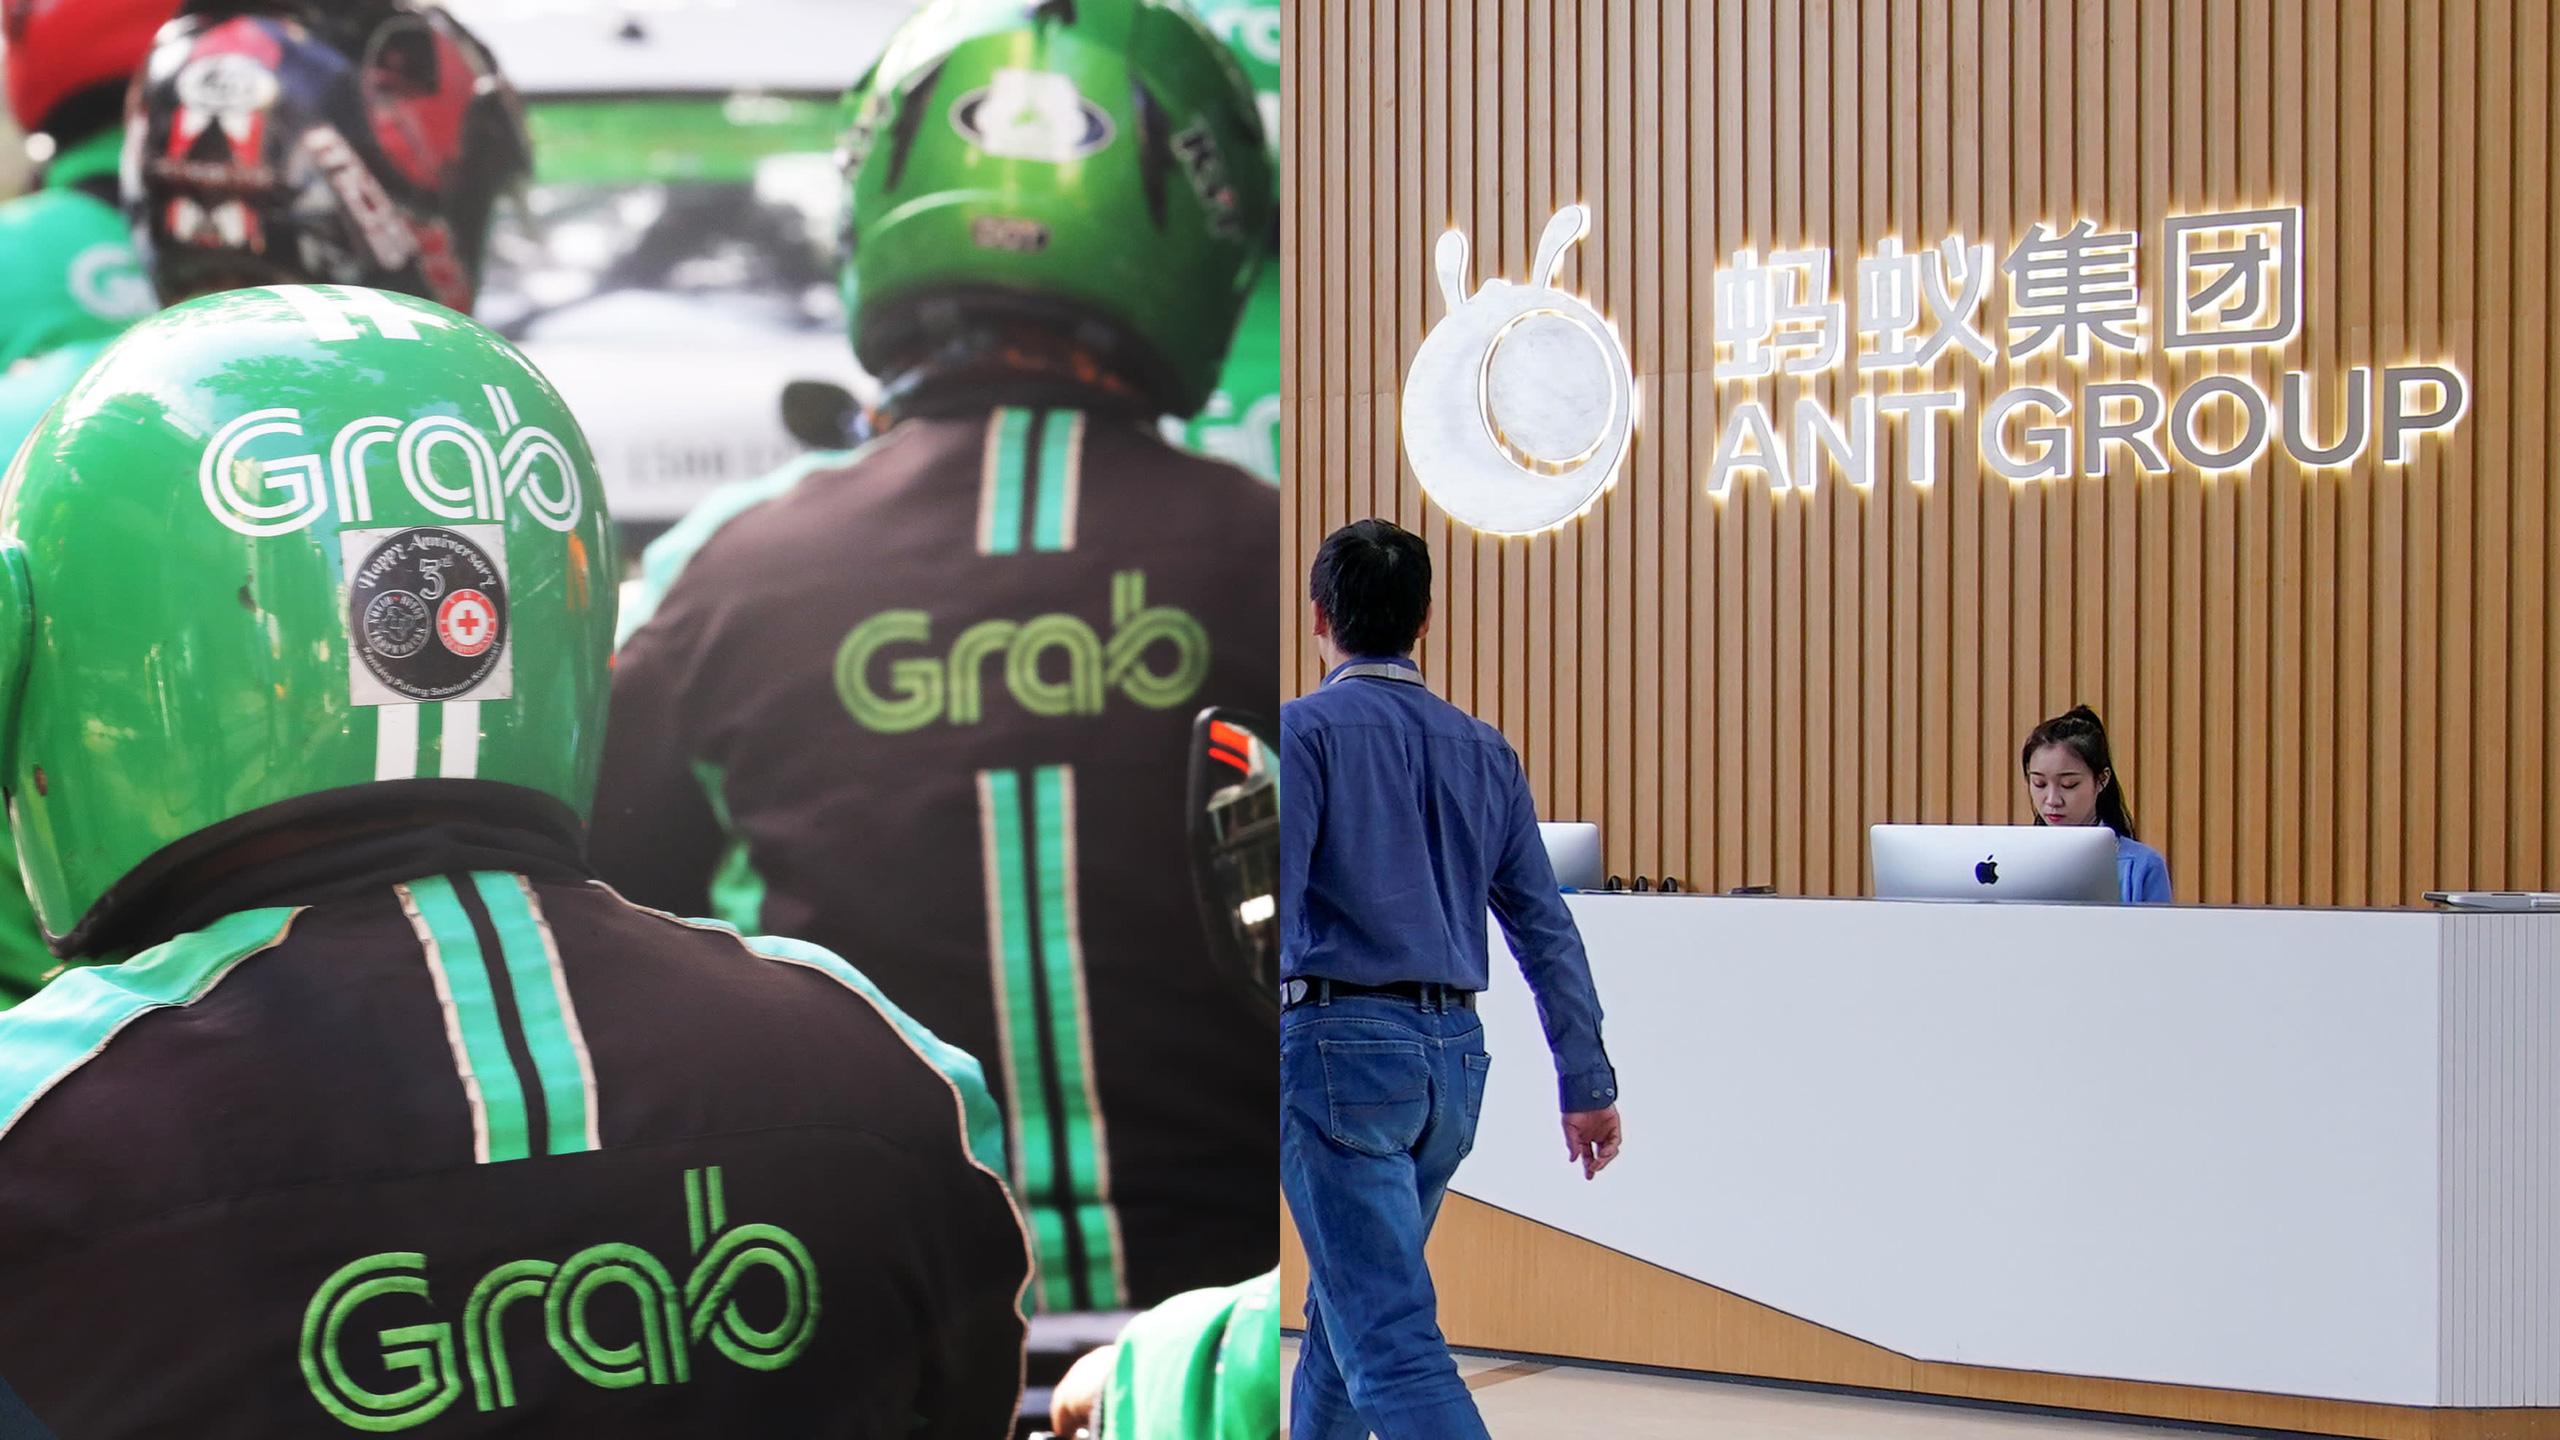 Grab và Ant Group được cấp phép mở ngân hàng số ở Singapore - Ảnh 1.